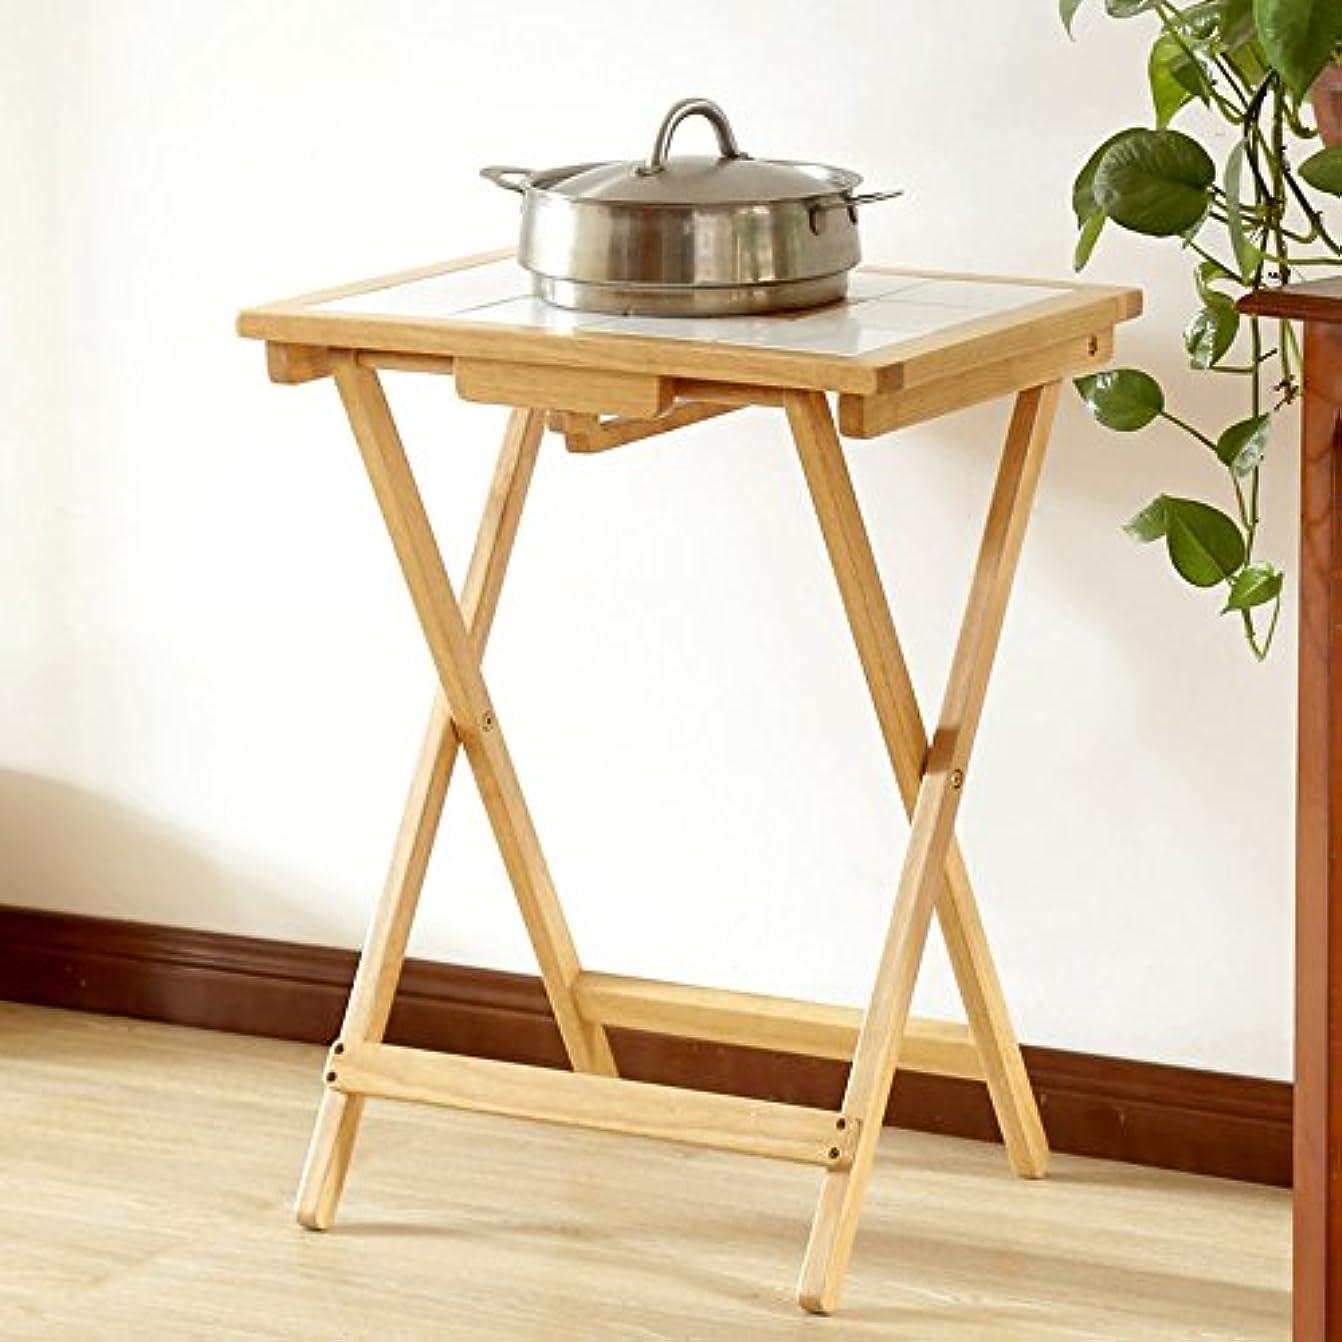 厚いおとうさん有限LJHA zhuozi 折りたたみテーブル/ソリッドウッド小さなスクエアテーブル/タイルアンチ高温耐食ダイニングテーブル/ホーム小デスク/ 380 * 500 * 645MM (色 : 1#)